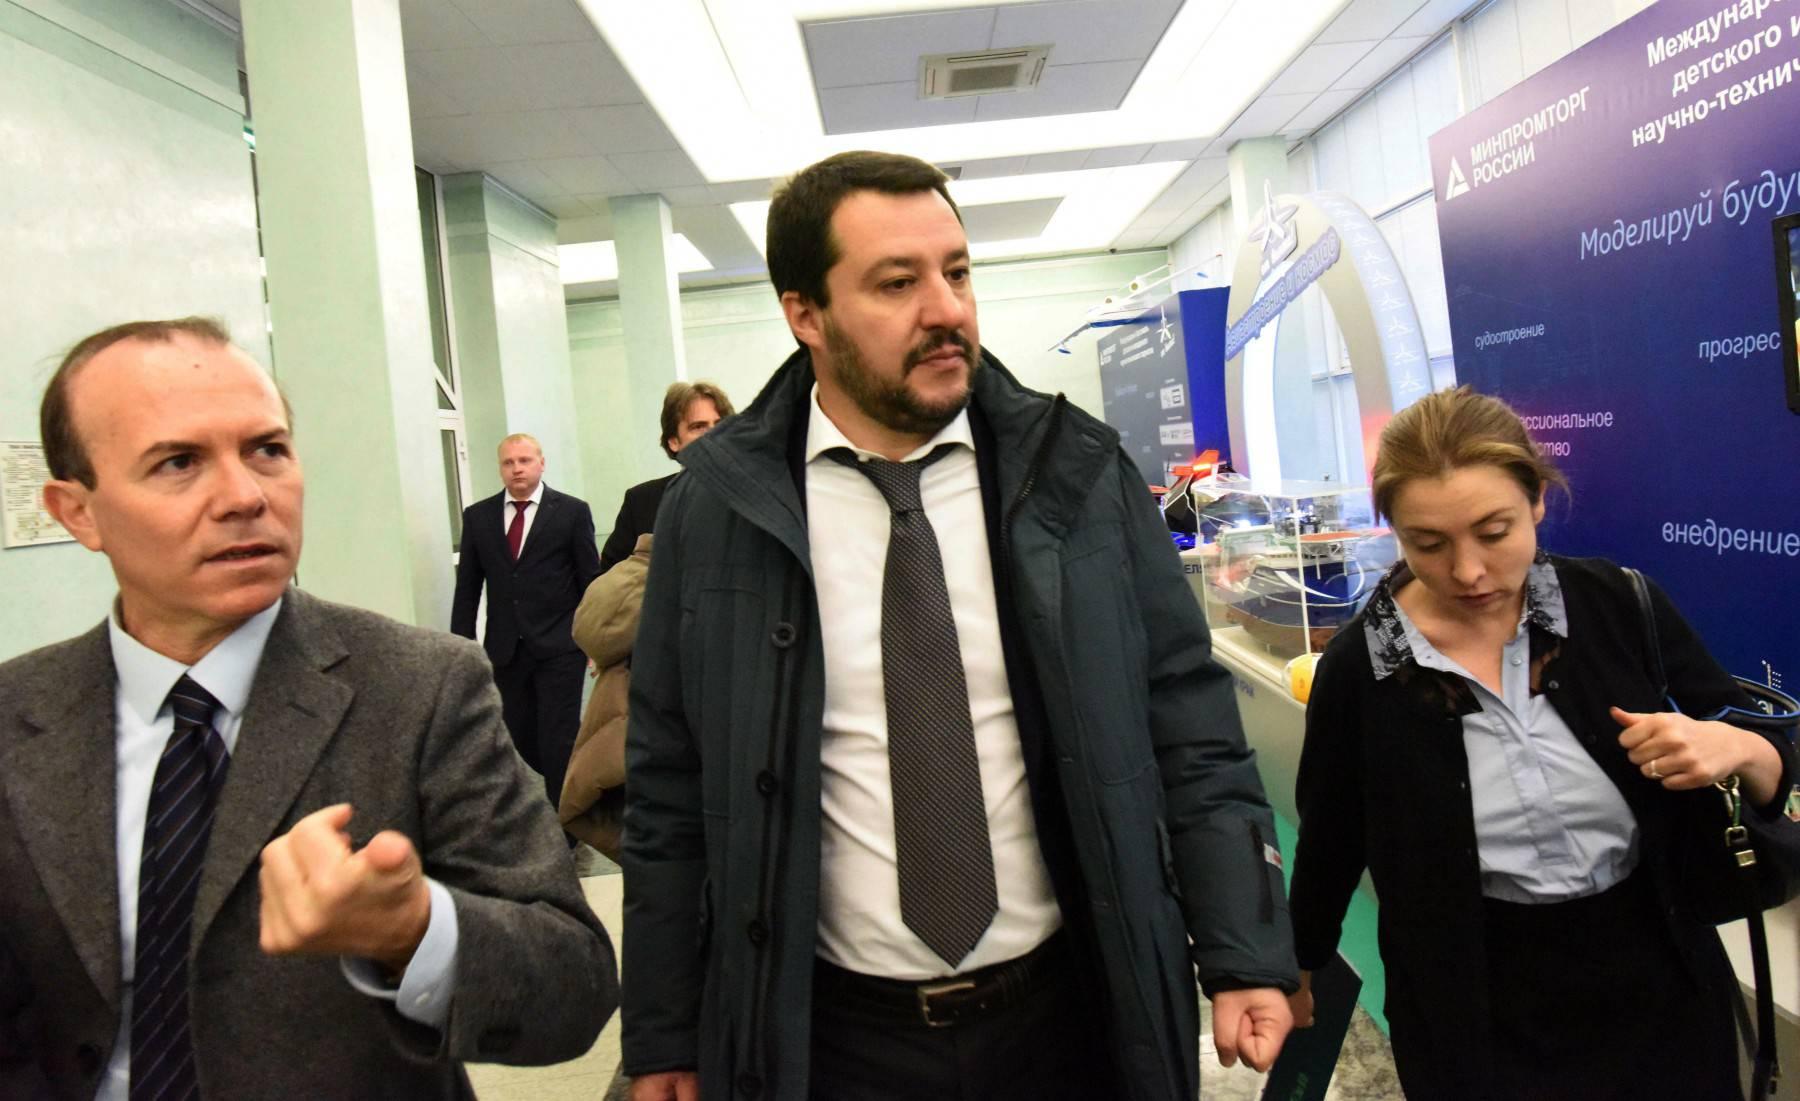 Caso presunti fondi russi alla Lega, respinto ricorso Savoini su audio Metropoli - Leggilo.org